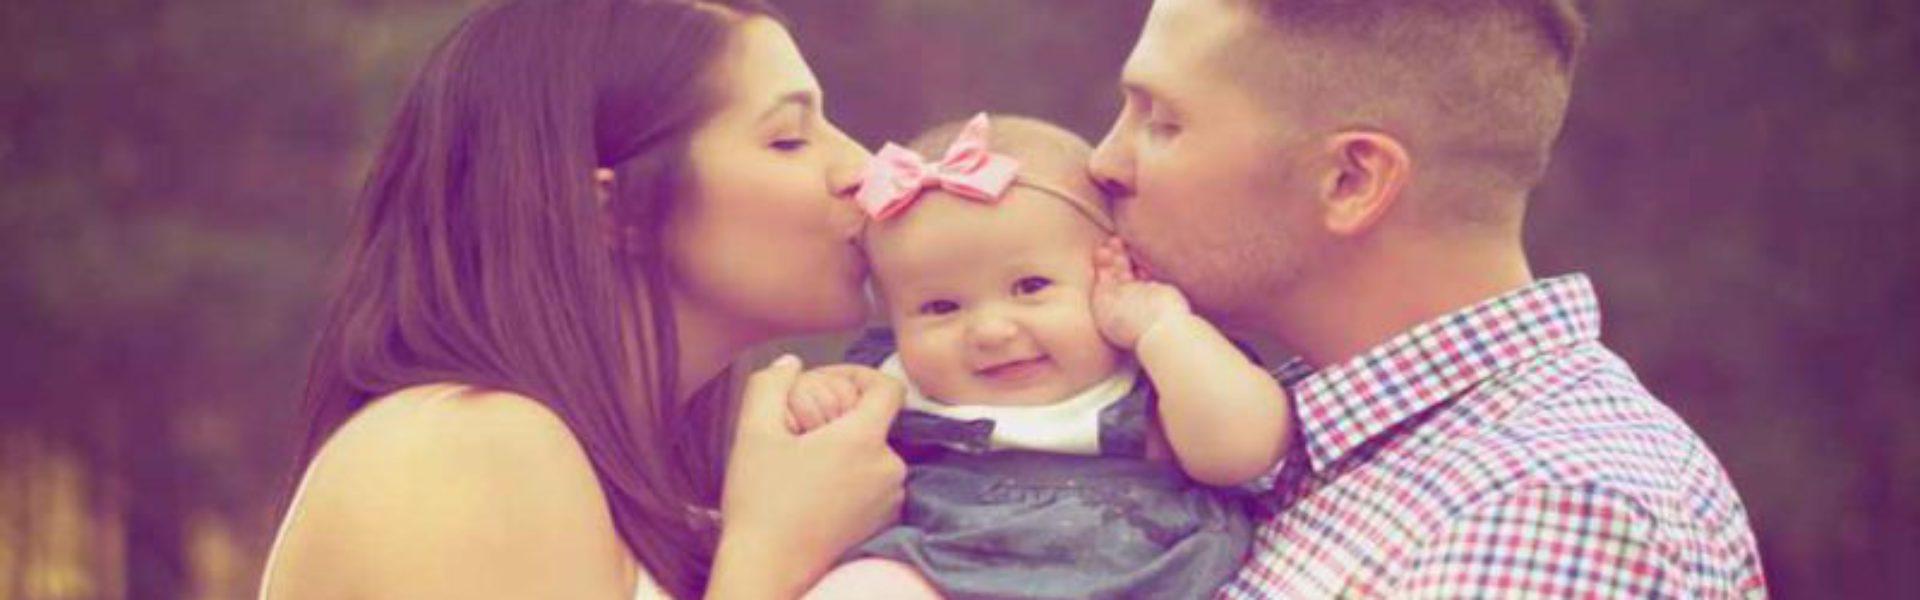 Ley 21.331: Determinación de los Apellidos por Acuerdo de los Padres thumbnail